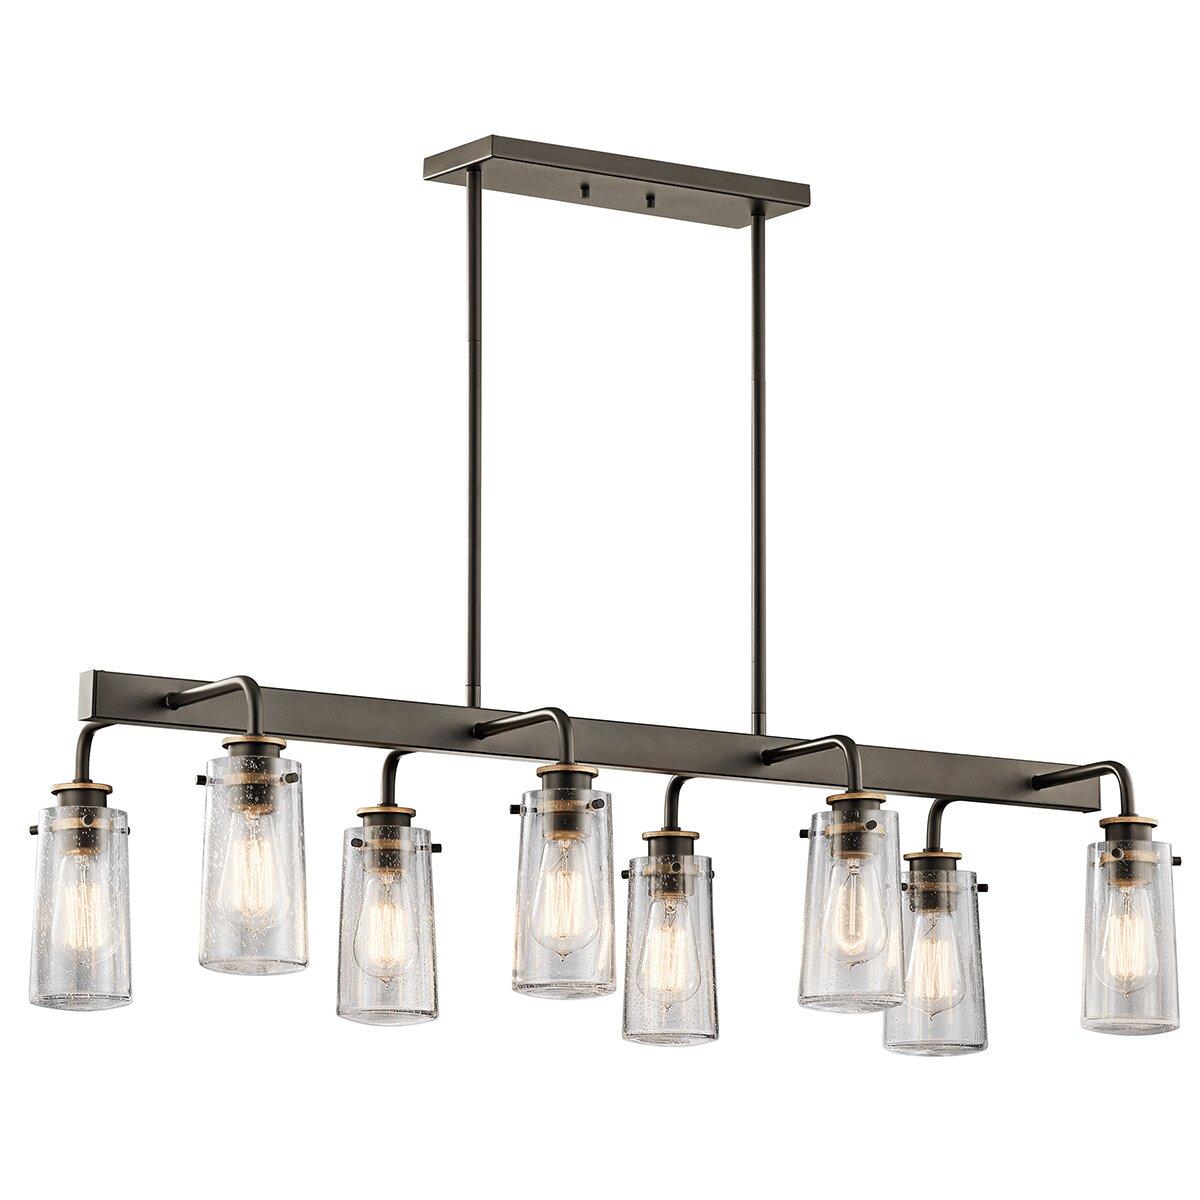 Kichler braelyn 8 light linear chandelier reviews wayfair - Kichler dining room lighting ...